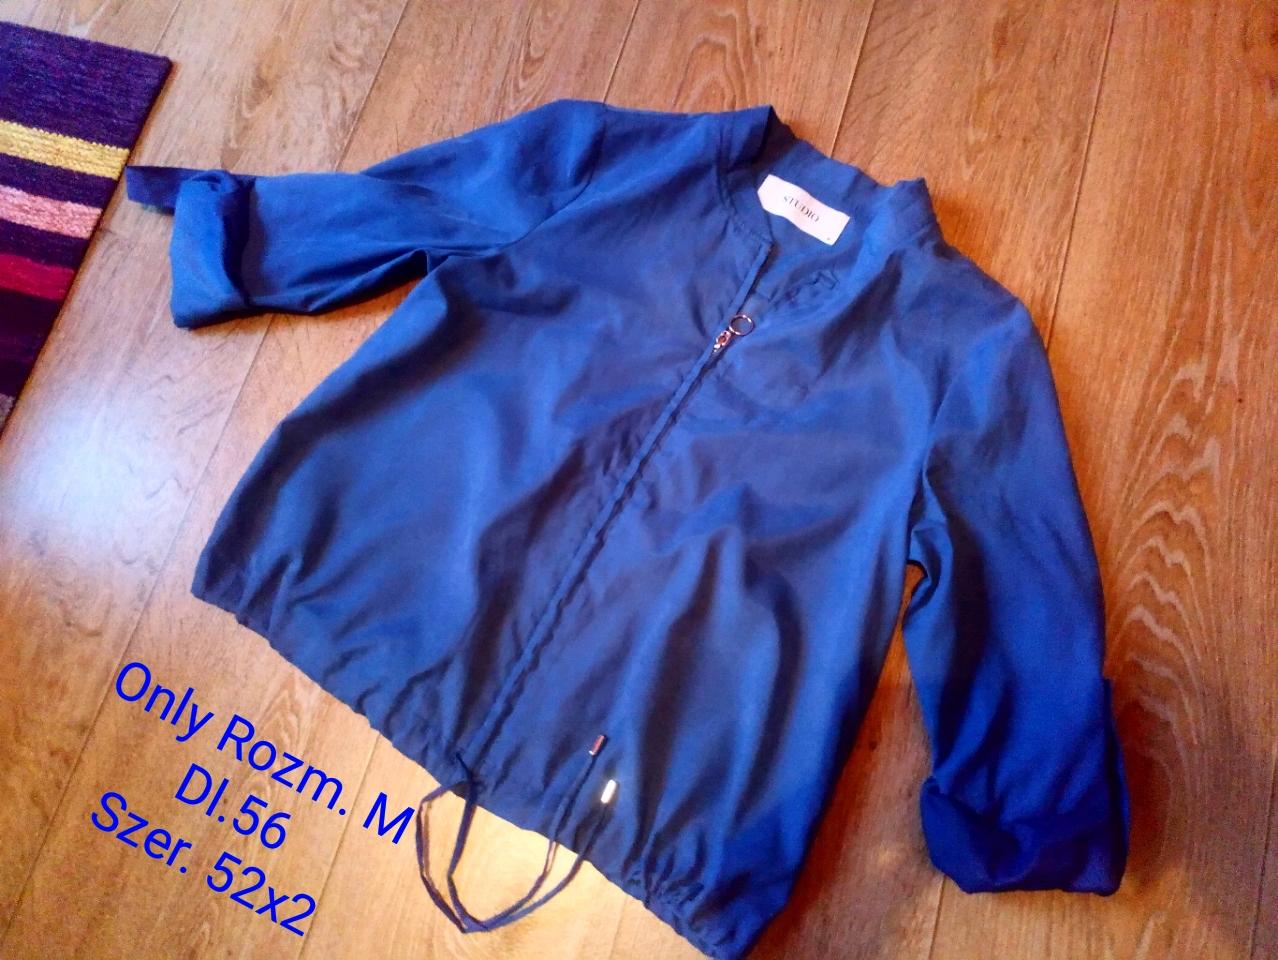 1a1bb8c4119bf Żakiet M Only niebieski rękaw 3/4 rozpianany - 7673499961 ...